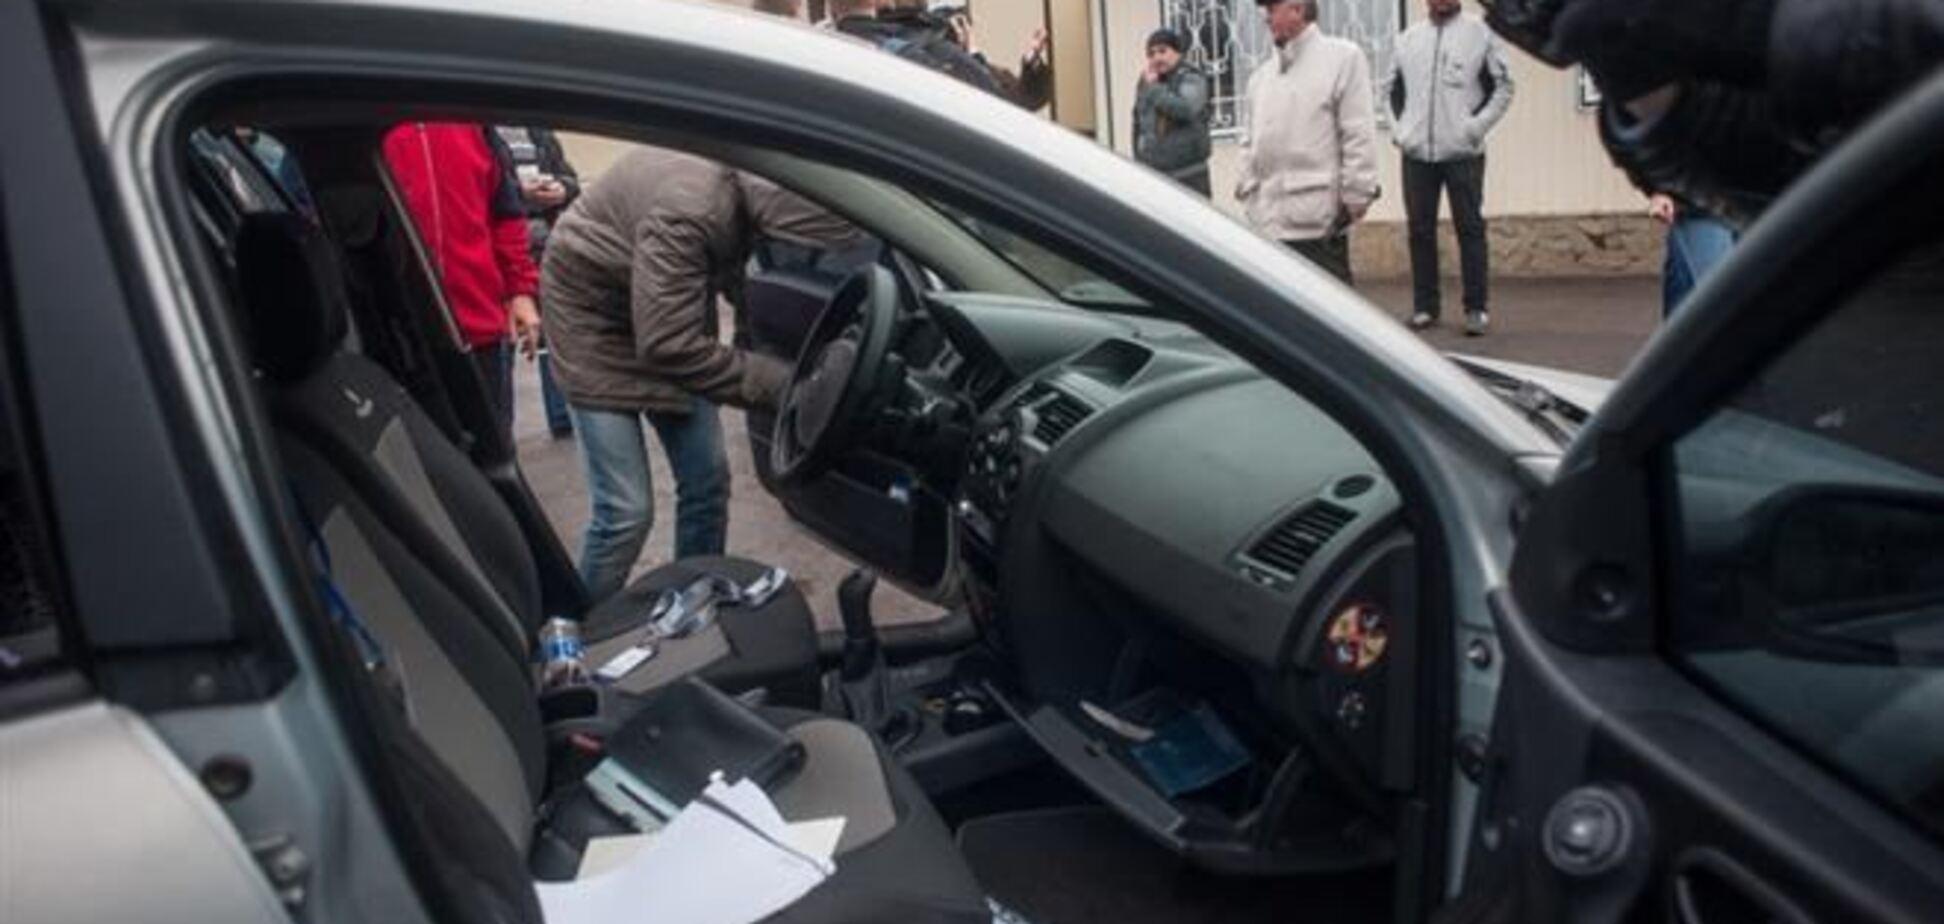 Тымчук: экстремисты в Славянске отбирают авто 'для нужд Донецкой Республики'